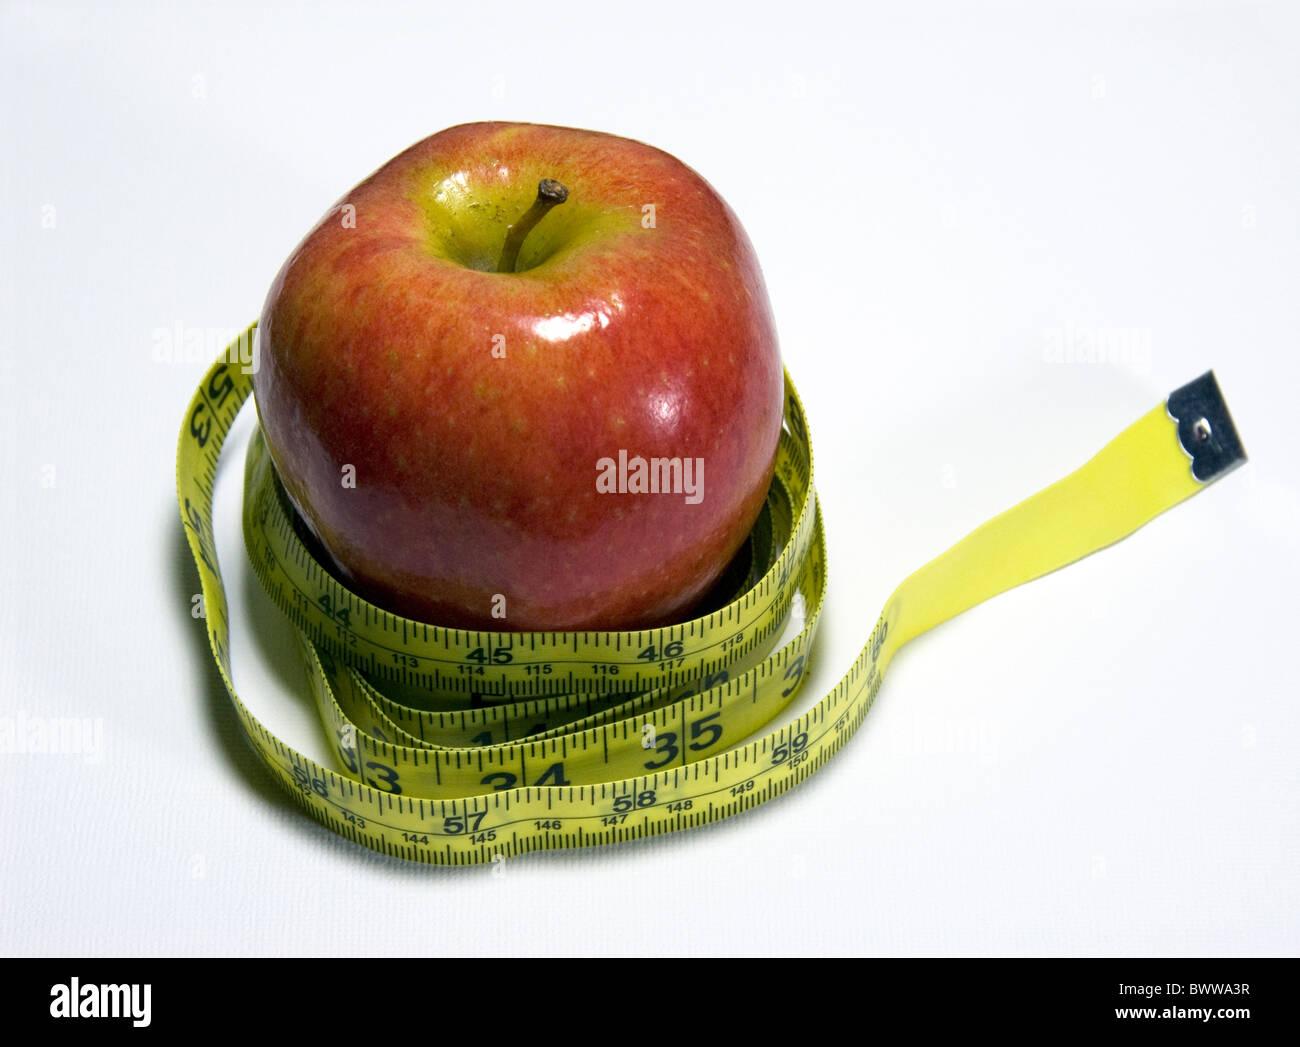 Ruban de mesure avec Apple, concept de la perte de poids ou une alimentation saine. Photo Stock